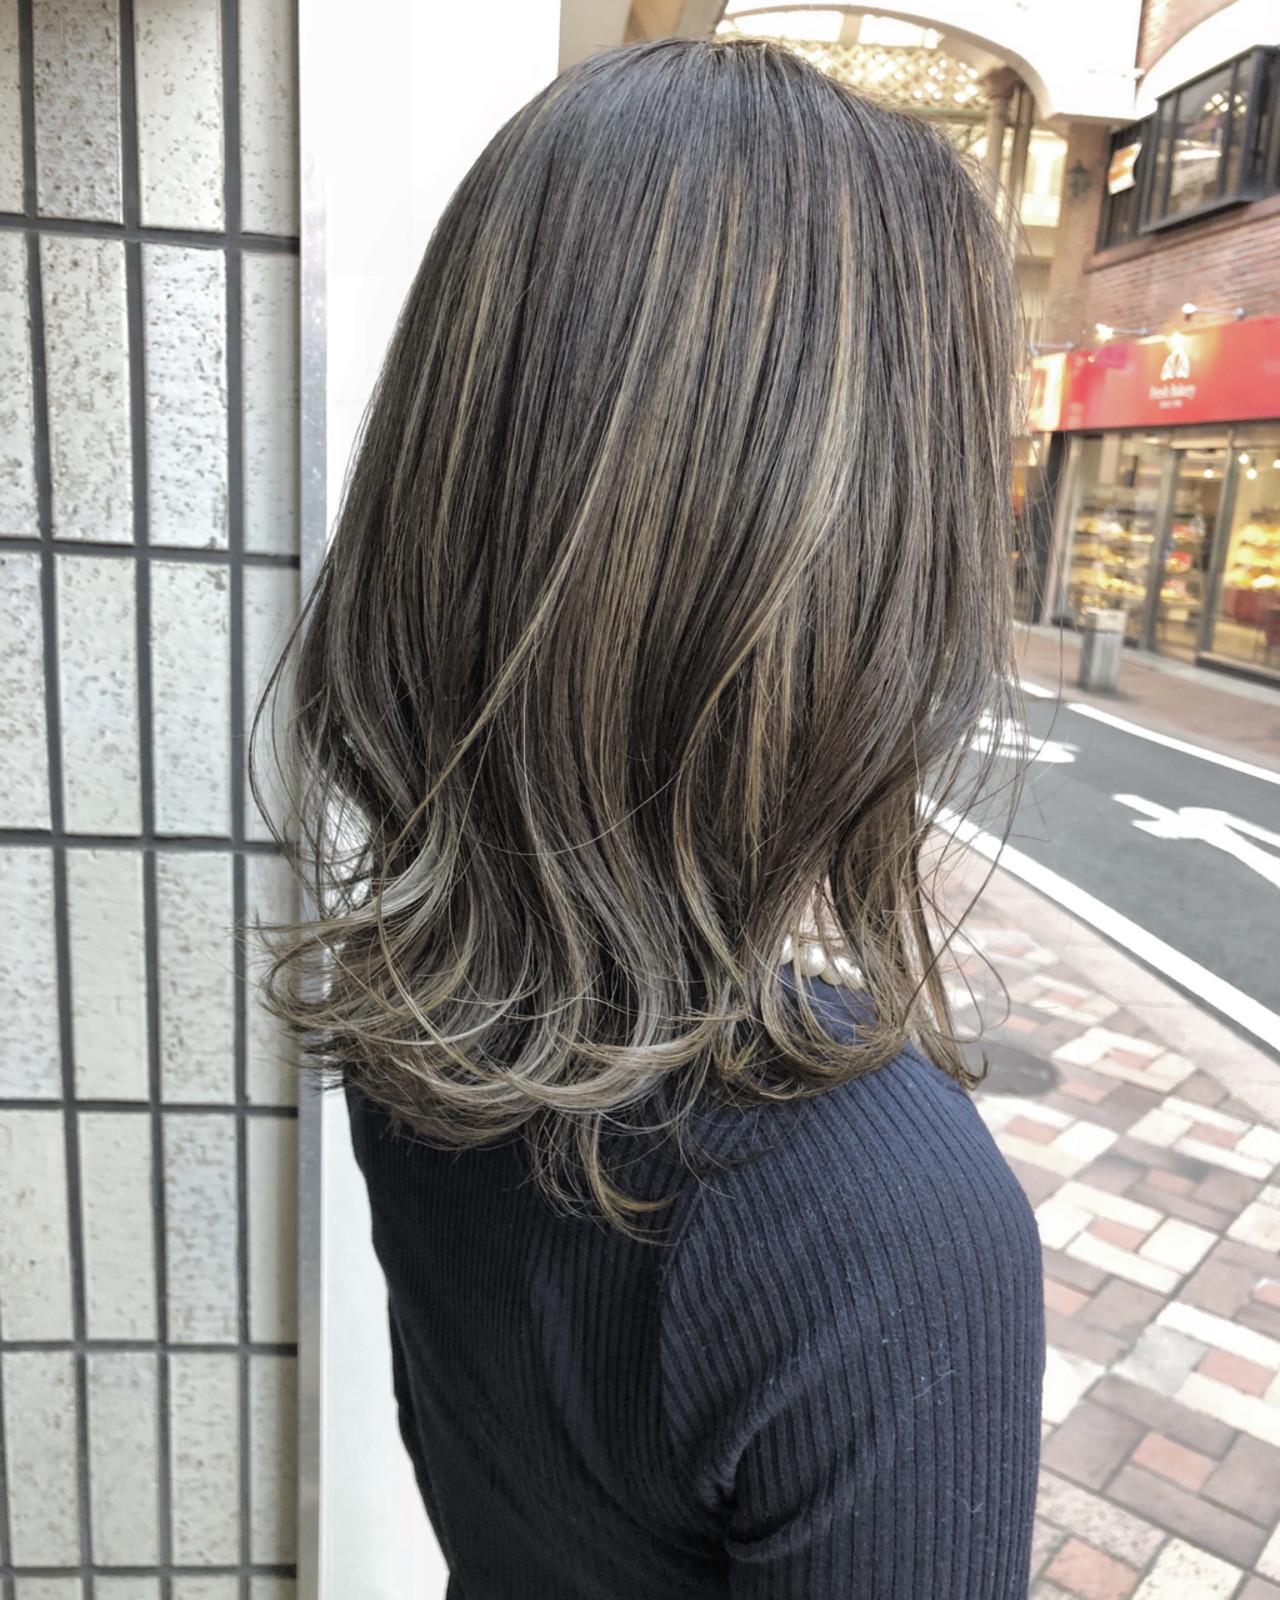 ナチュラル ブルージュ ミディアム 外国人風カラー ヘアスタイルや髪型の写真・画像